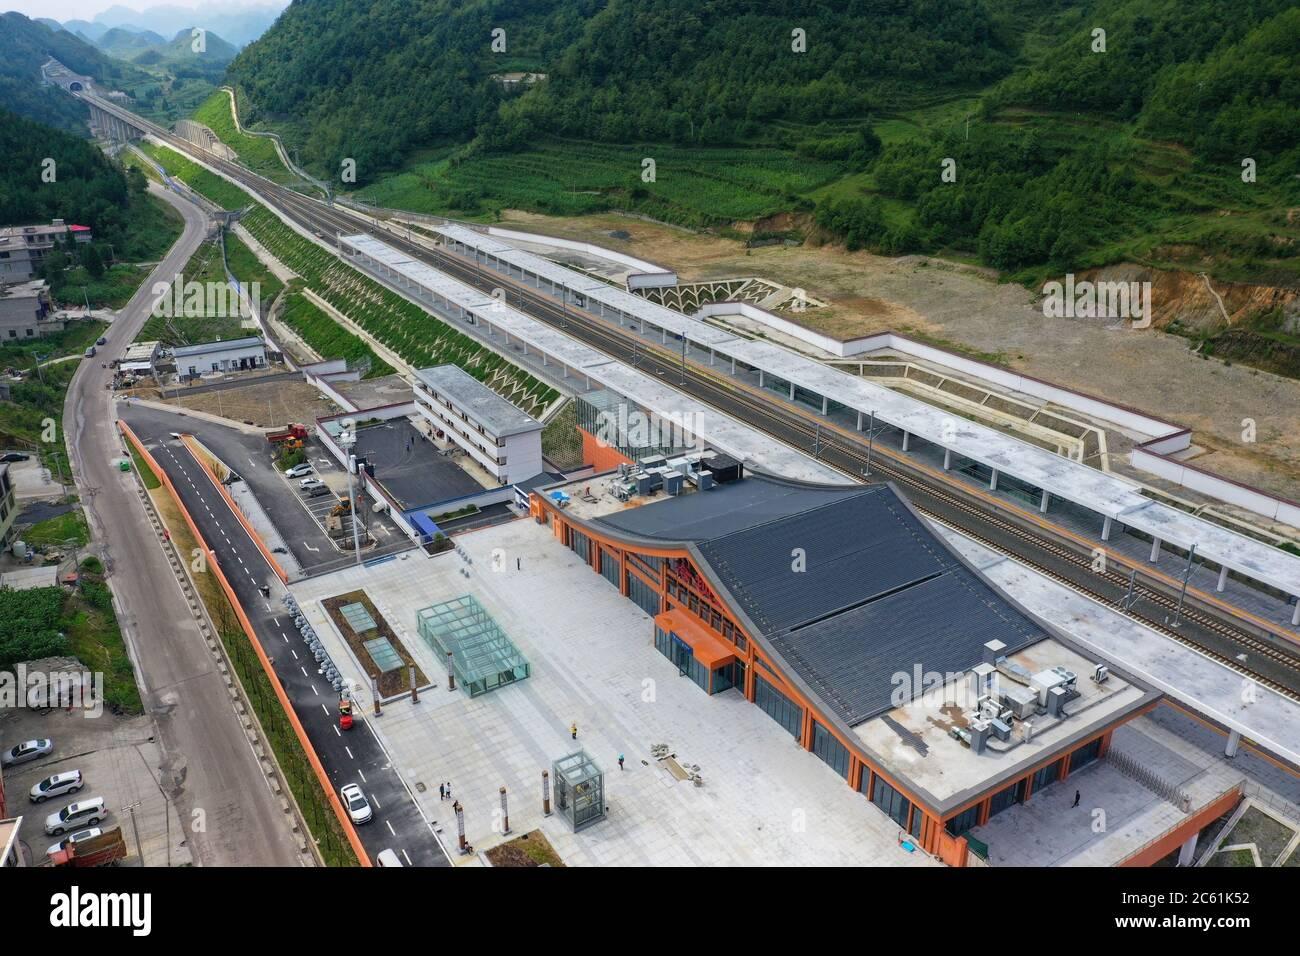 Liupanshui. 6 de julio de 2020. Foto aérea tomada el 6 de julio de 2020 muestra la estación ferroviaria de Lengba a lo largo del ferrocarril Anshun-Liupanshui en la provincia de Guizhou, al suroeste de China. El ferrocarril interurbano Anshun-Liupanshui, con una velocidad de 250 km por hora, está en preparación para su apertura. El ferrocarril acortará el tiempo de viaje entre Guiyang y Liupanshui de las actuales 3.5 horas a aproximadamente 1 hora, y la ciudad de Liupanshui estará completamente conectada con la red nacional de trenes de alta velocidad. Crédito: Liu Xu/Xinhua/Alamy Live News Foto de stock